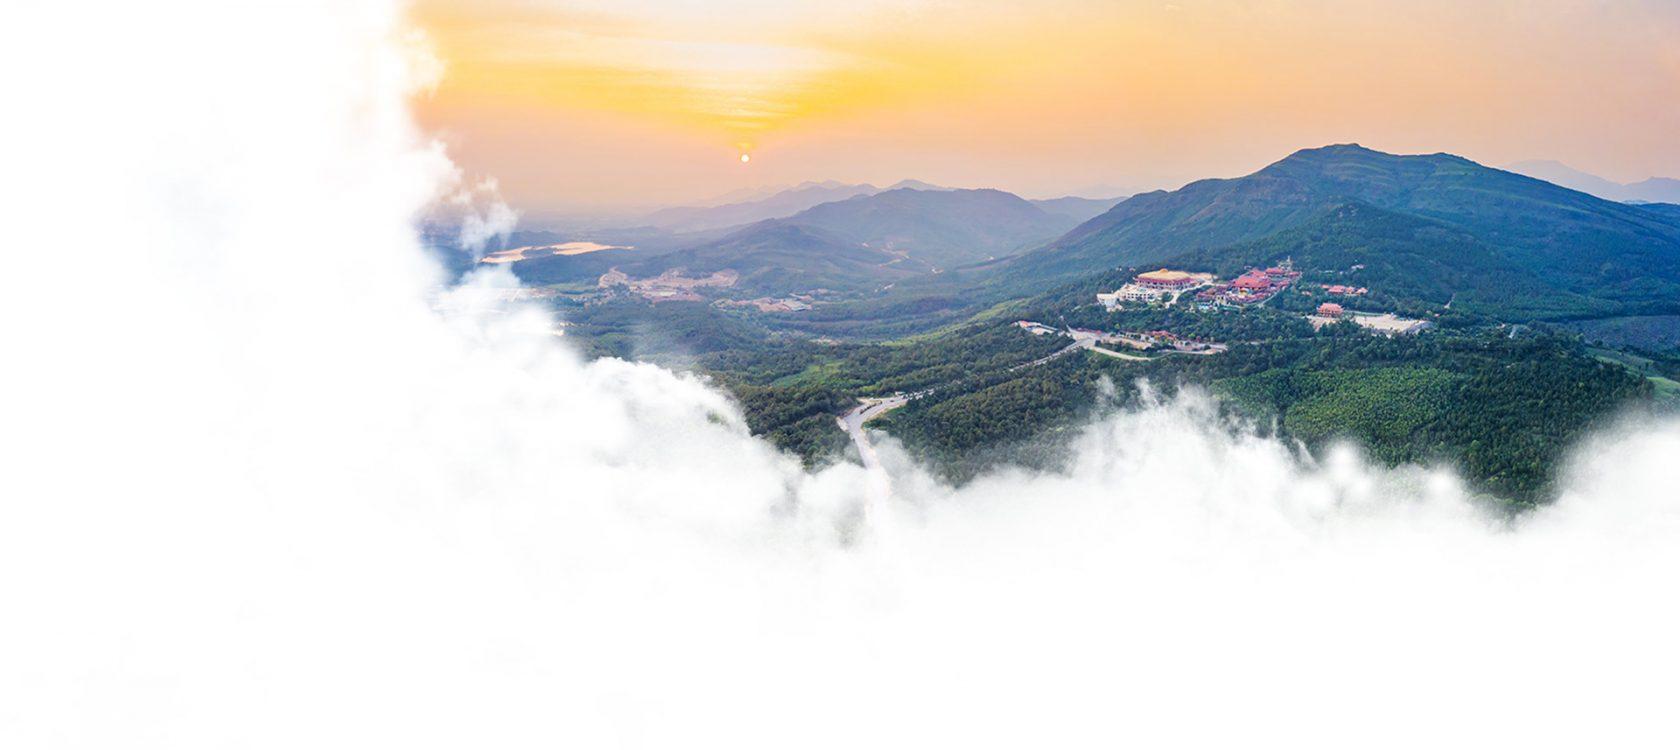 Cùng ngắm chùa Ba Vàng bình yên trong ráng chiều hoàng hôn nơi núi rừng Thành Đẳng